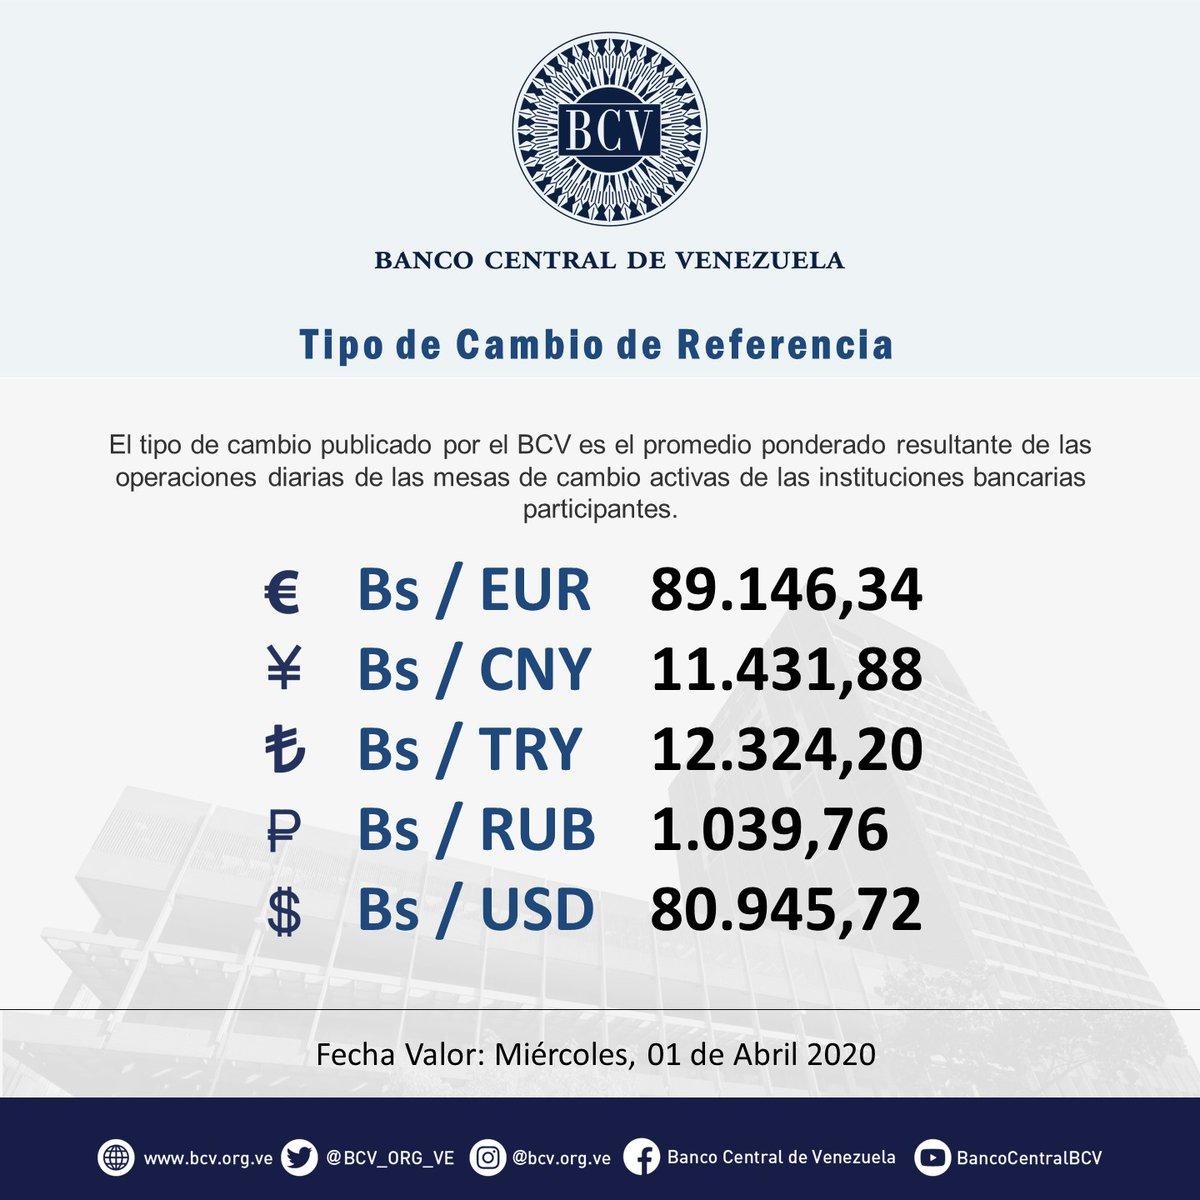 Atención|| El tipo de cambio publicado por el BCV es el promedio ponderado de las operaciones de las mesas de cambio de las instituciones bancarias. Al cierre de la jornada del martes 31-03-2020, los resultados son:  #MercadoCambiario #BCVpic.twitter.com/jI4QIXaRkB